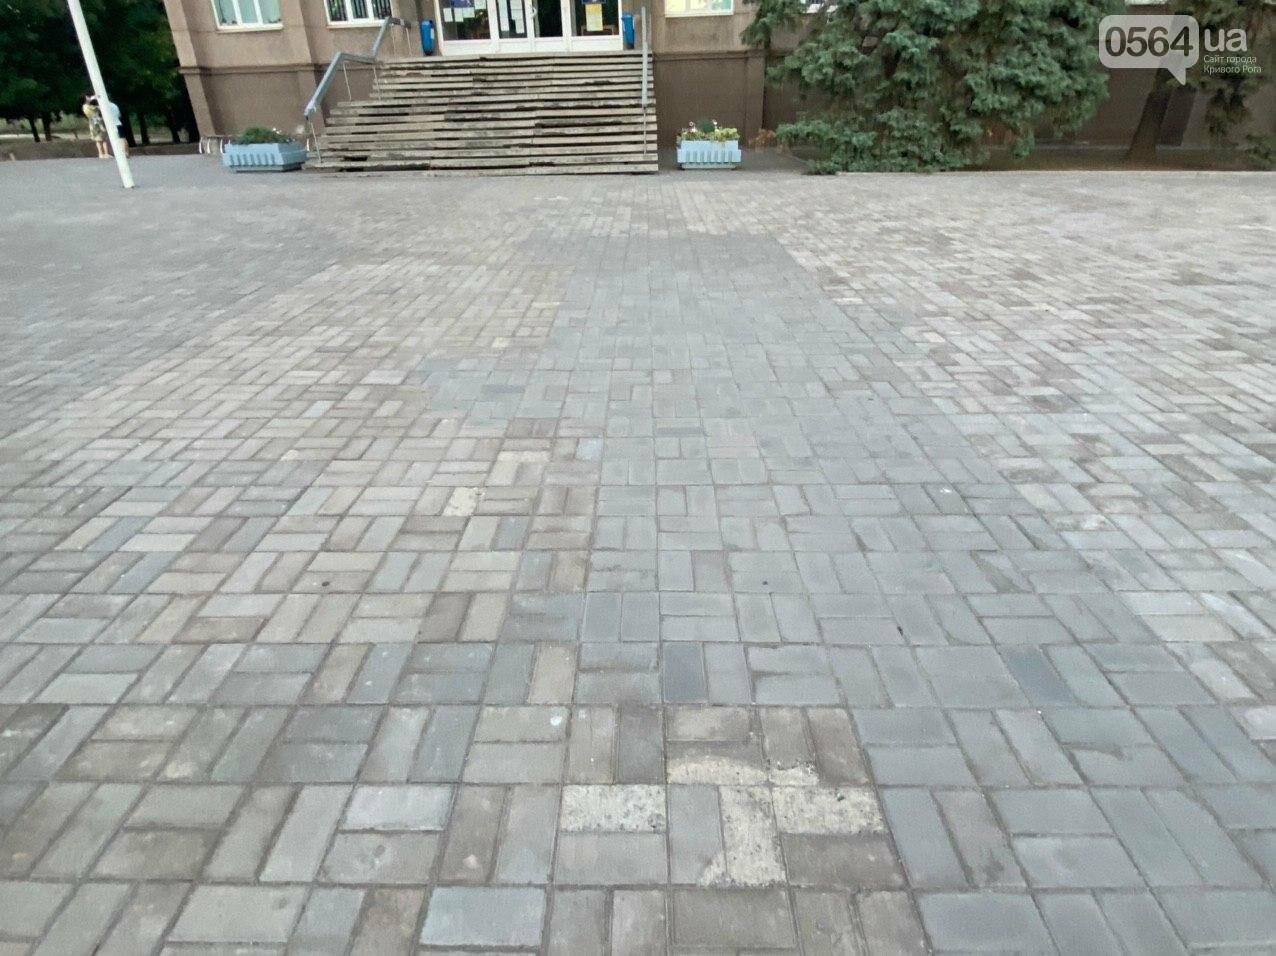 Второй раз по гарантийному договору будут менять плитку под райисполкомом в Кривом Роге, - ФОТО , фото-13